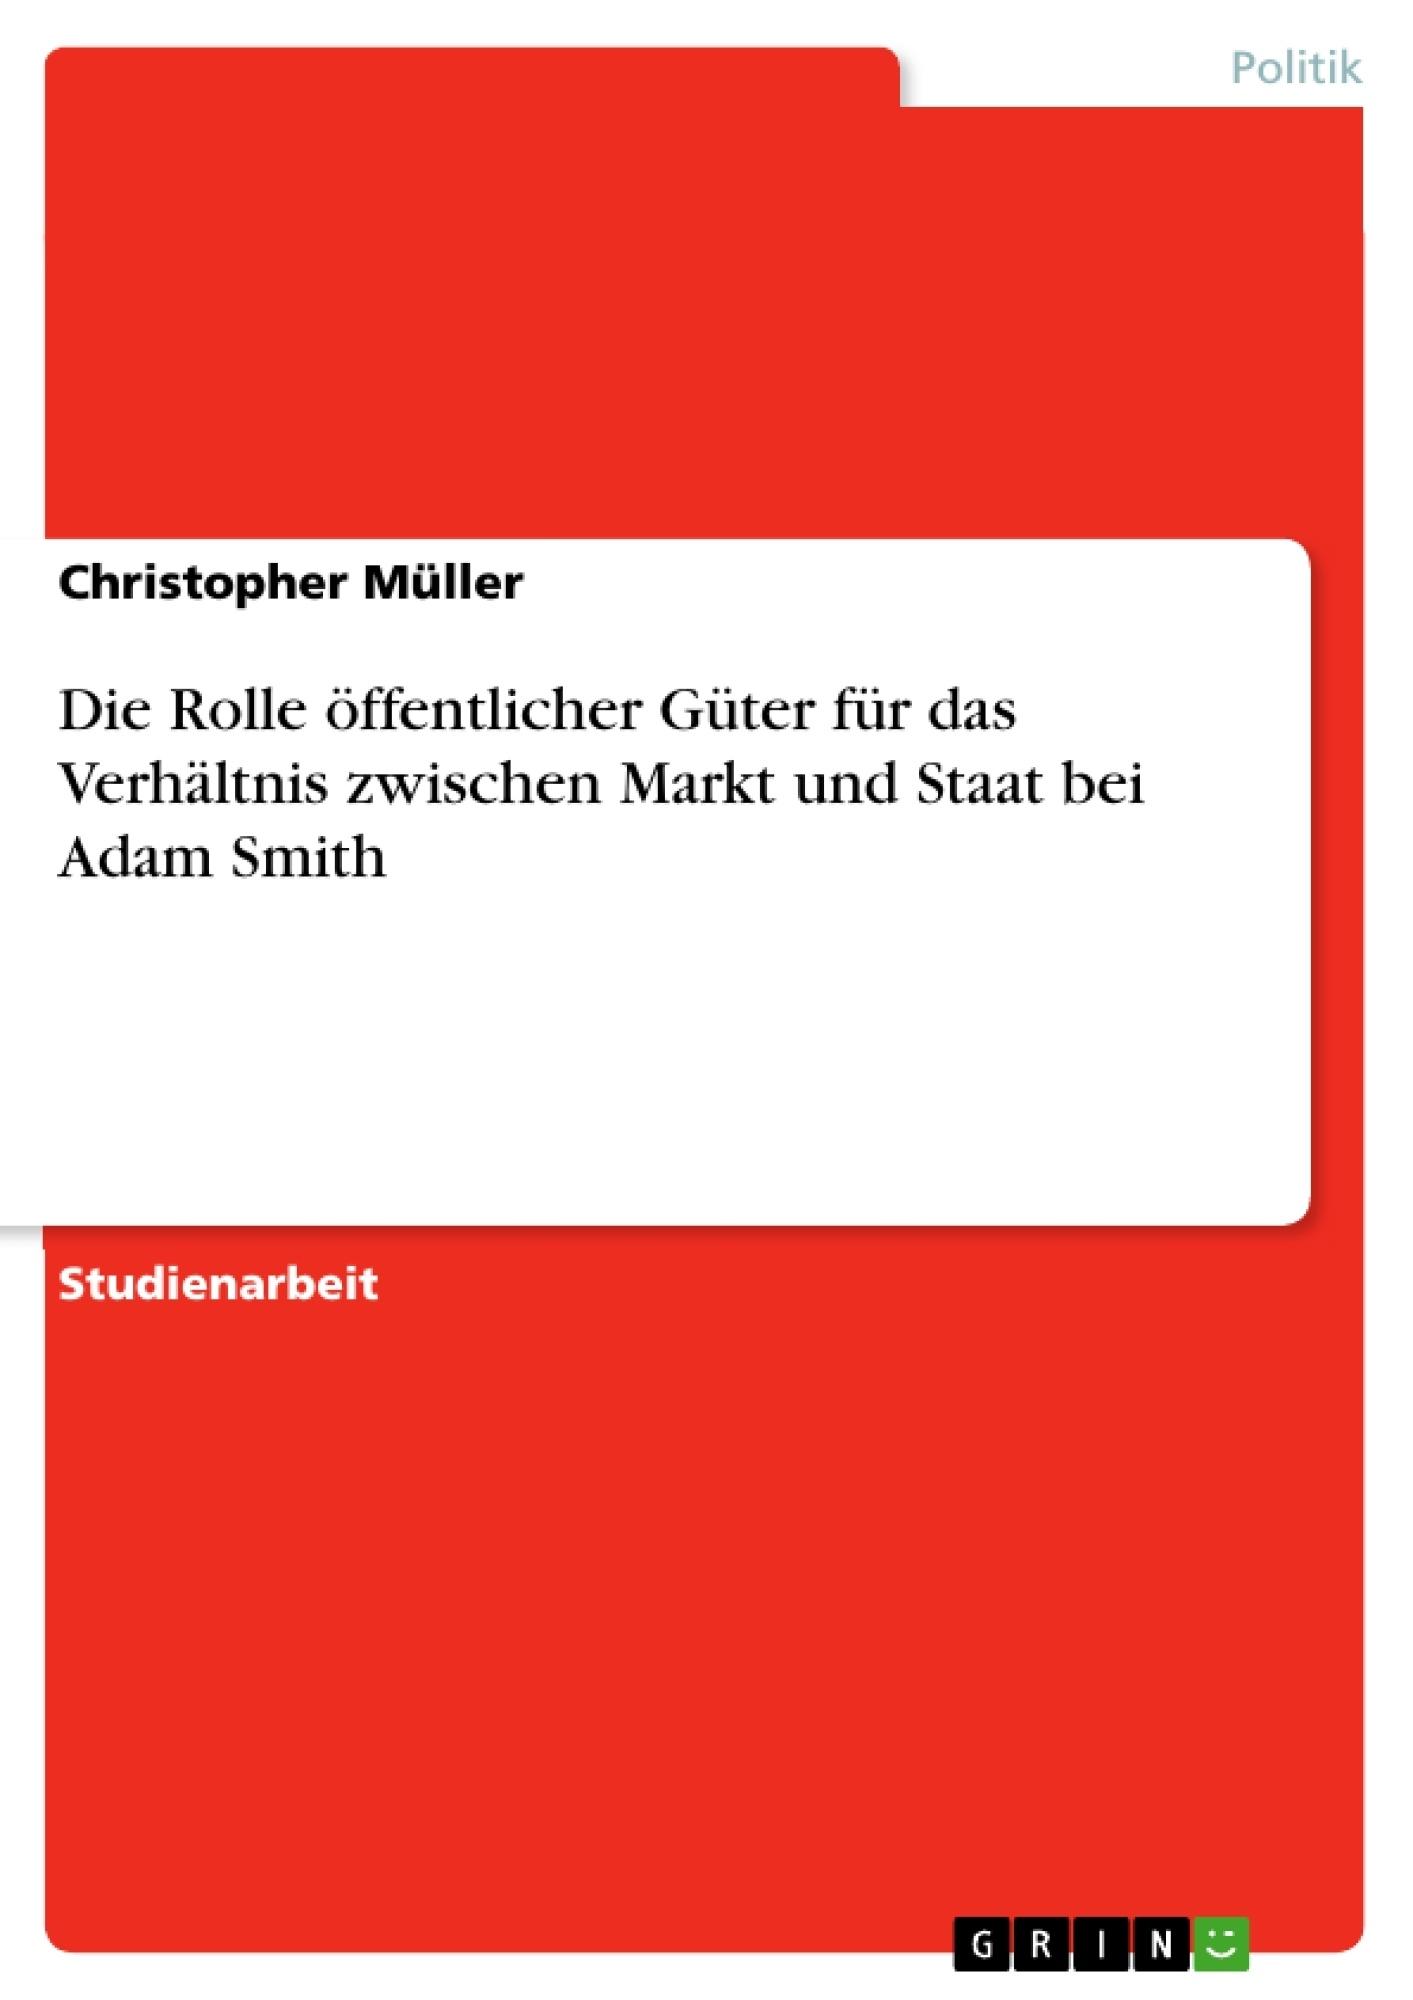 Titel: Die Rolle öffentlicher Güter für das Verhältnis zwischen Markt und Staat bei Adam Smith